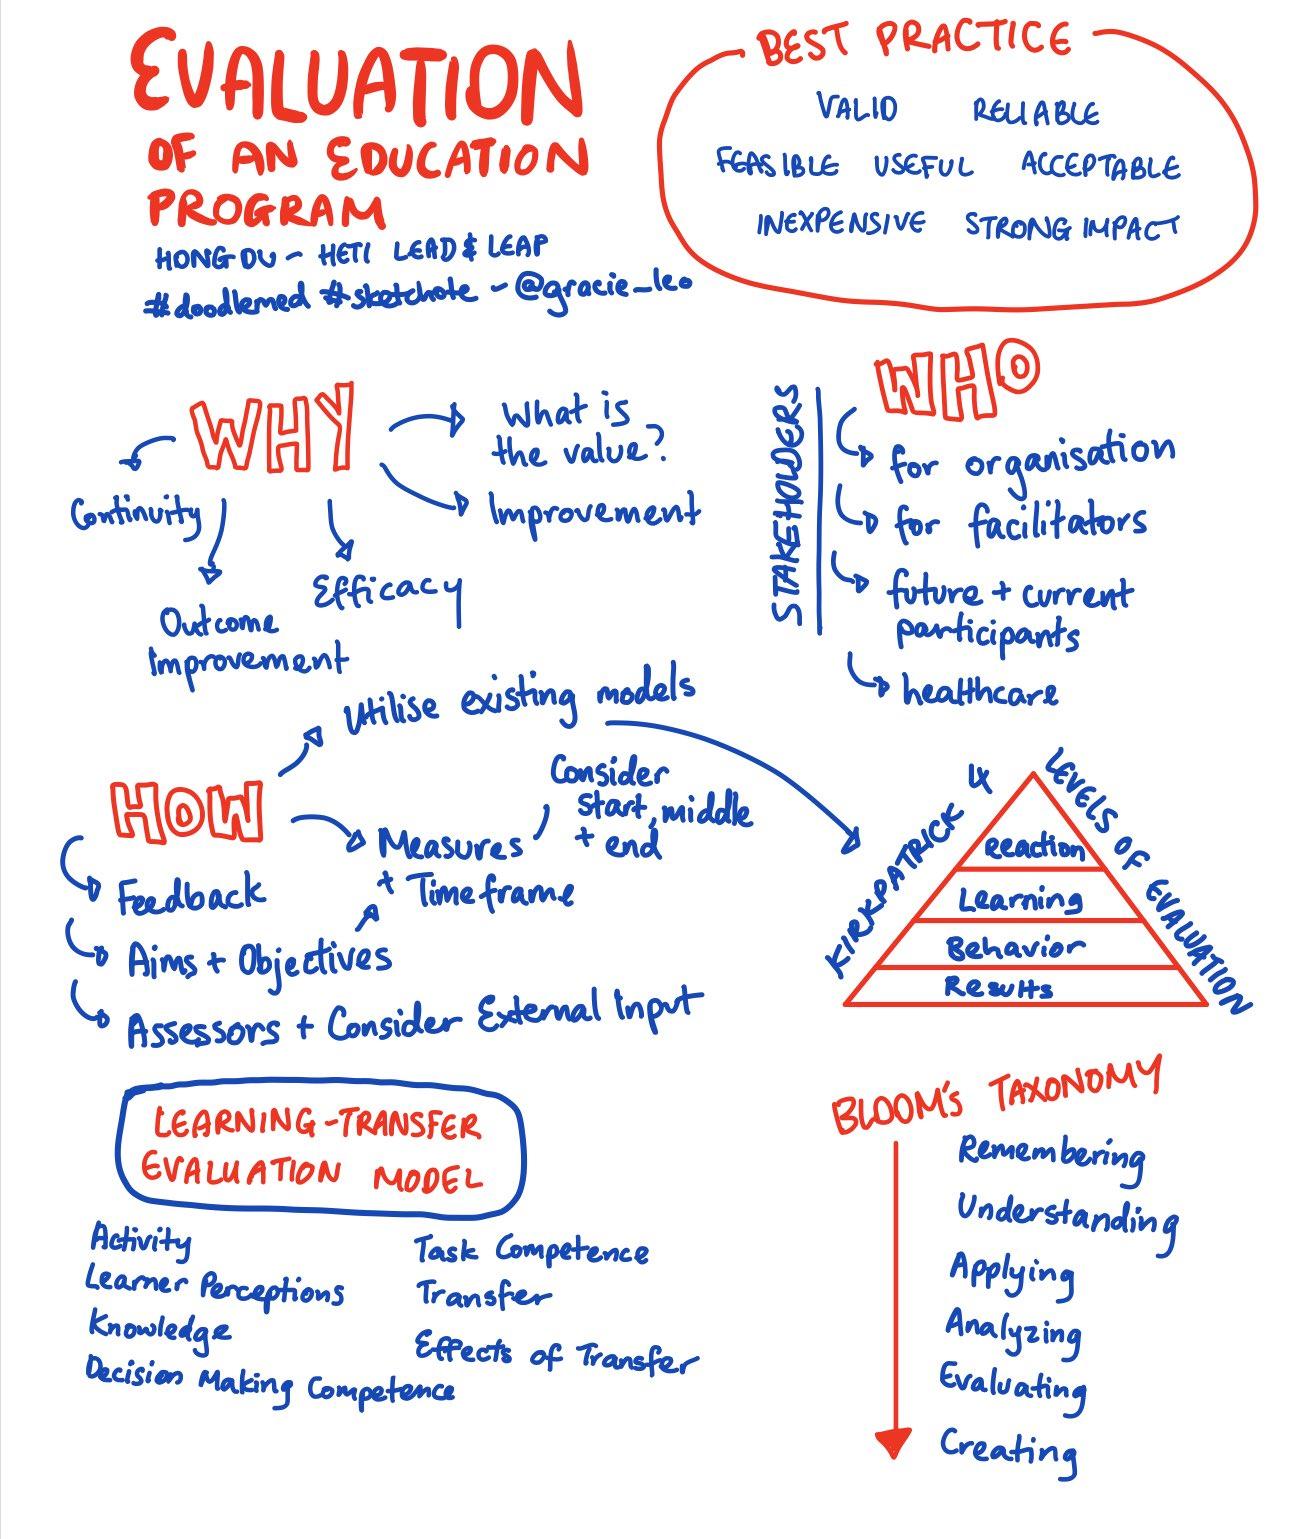 evaluationeducation_doodlemed.jpg